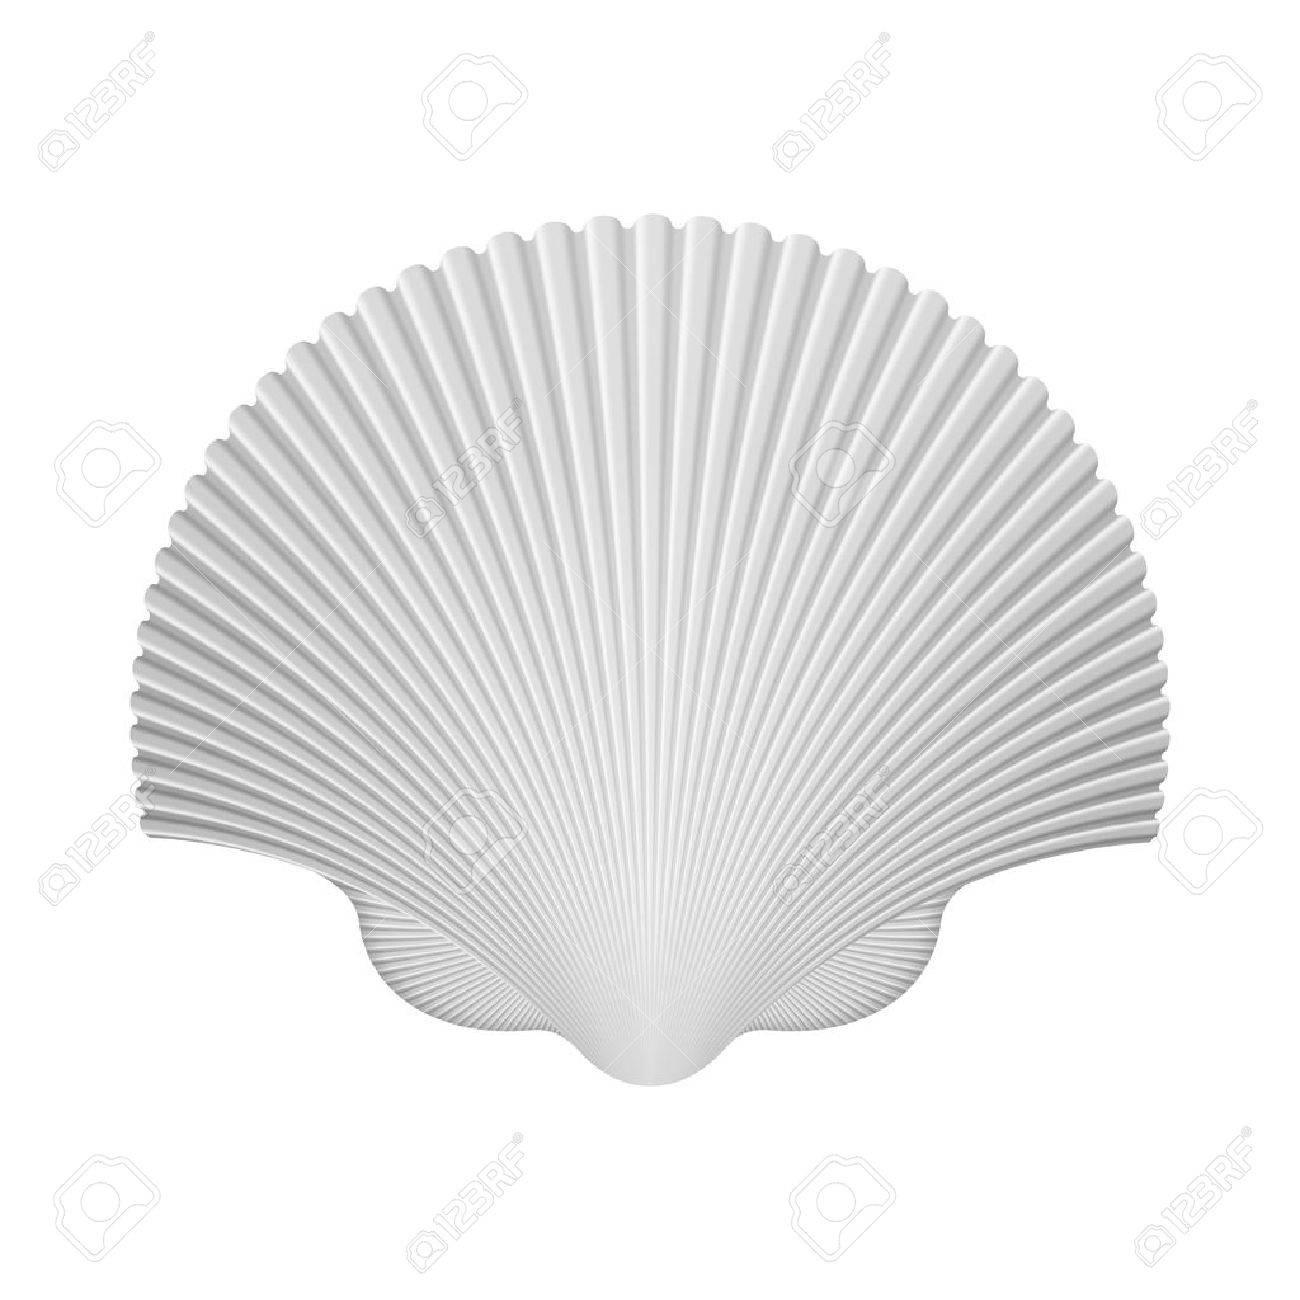 白いベクトル イラストレーション上分離したホタテ貝殻のイラスト素材